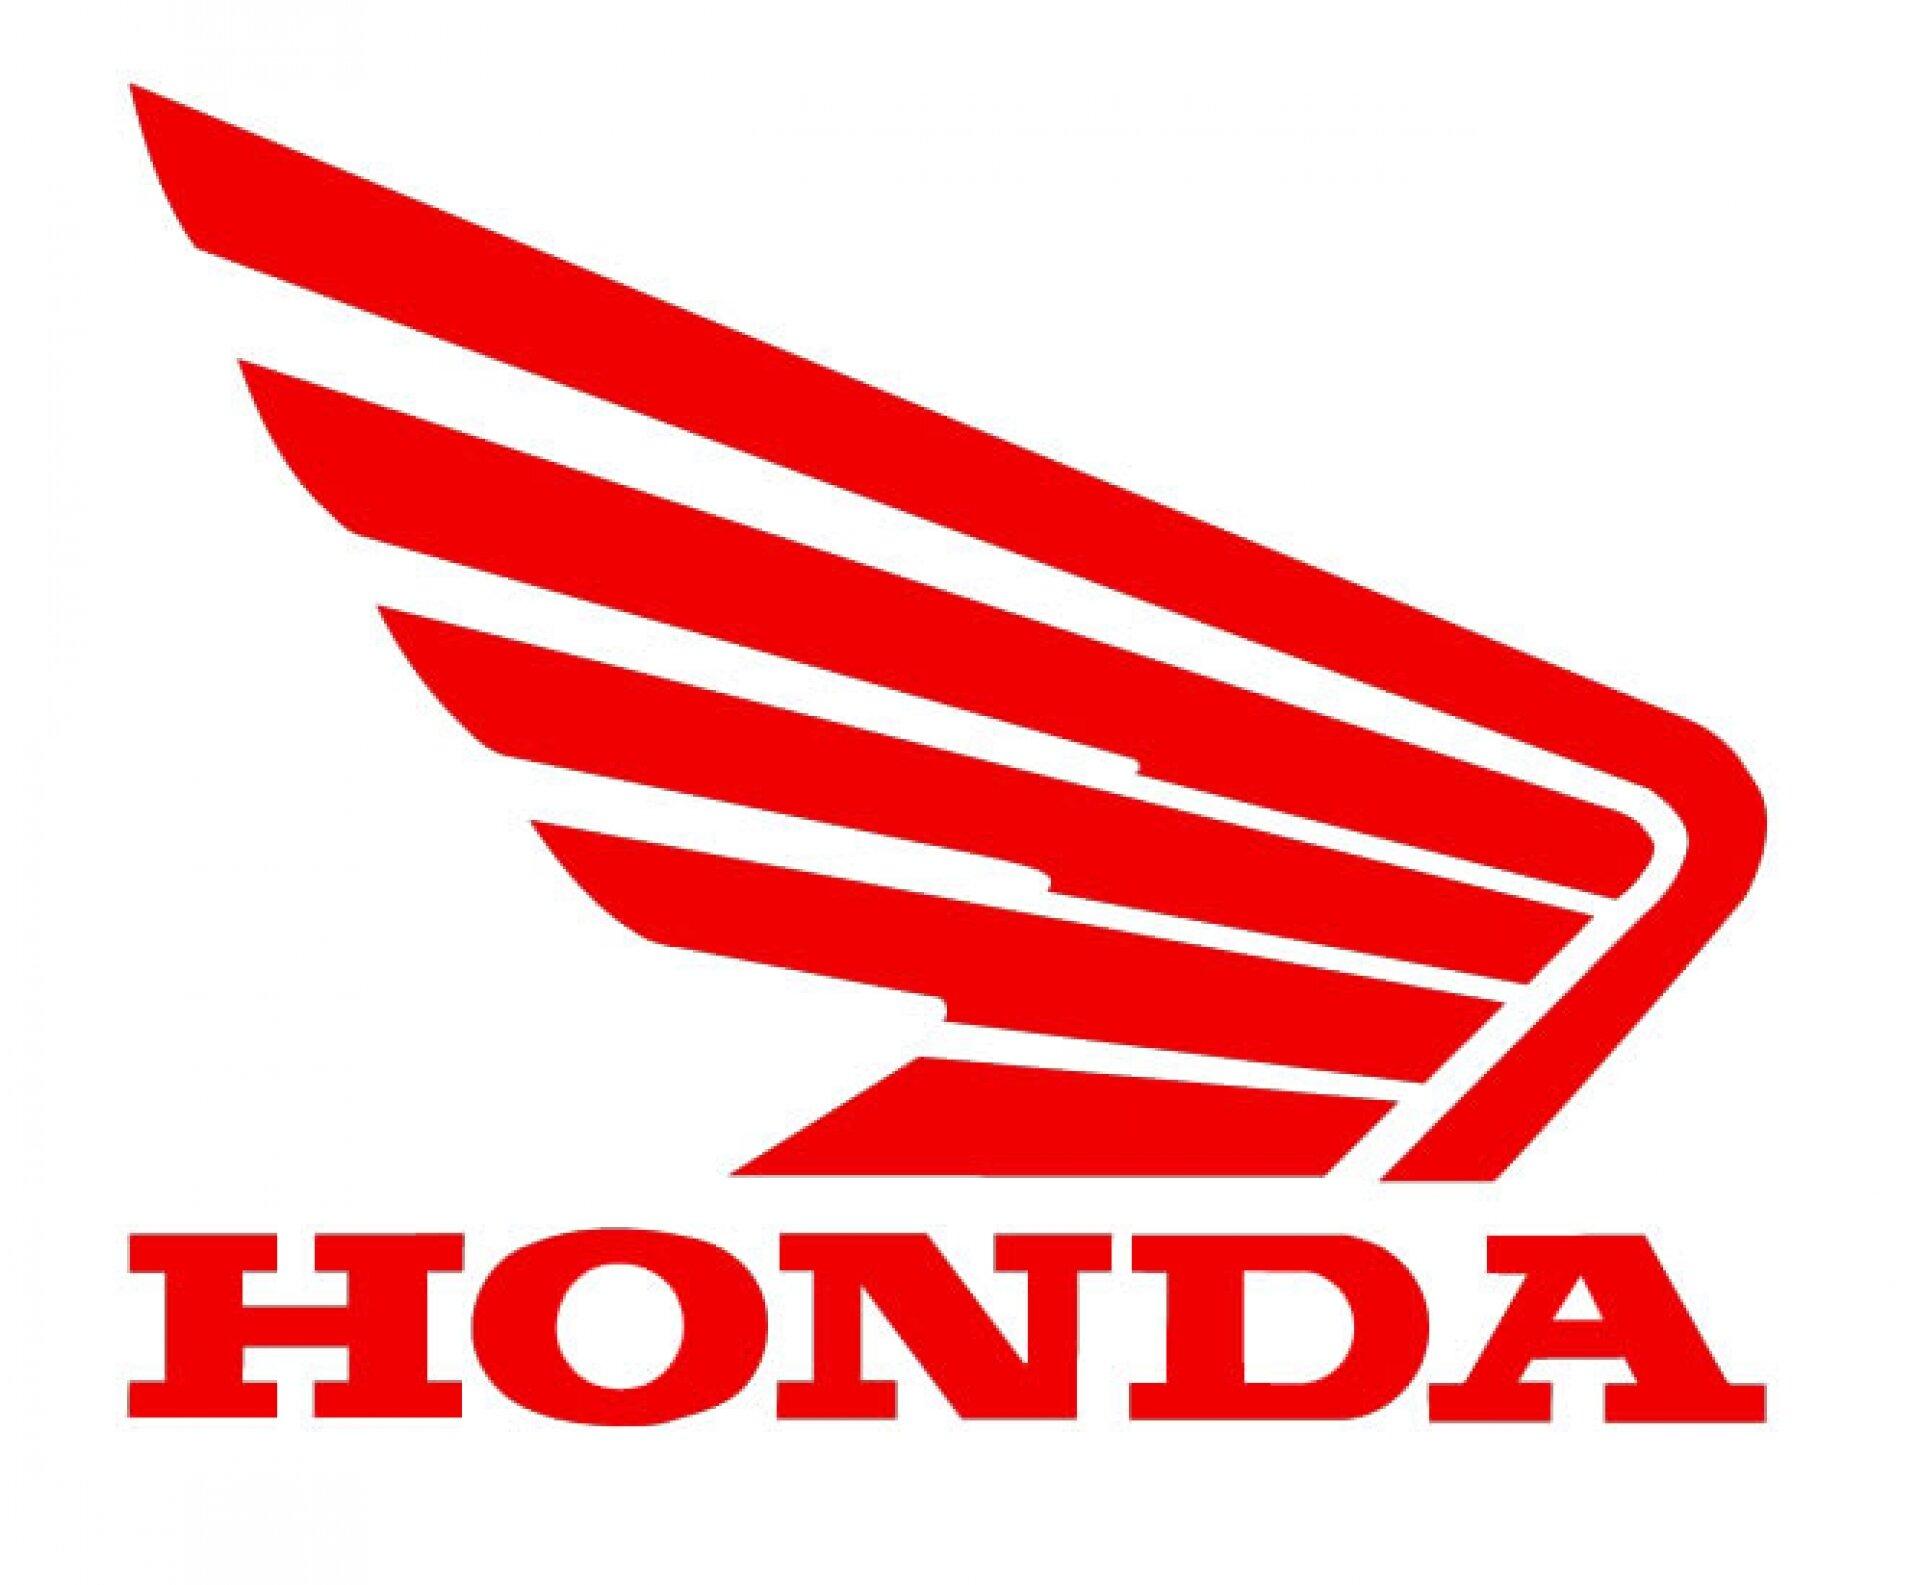 Bảng giá xe máy Honda cập nhật thị trường tháng 6/2015